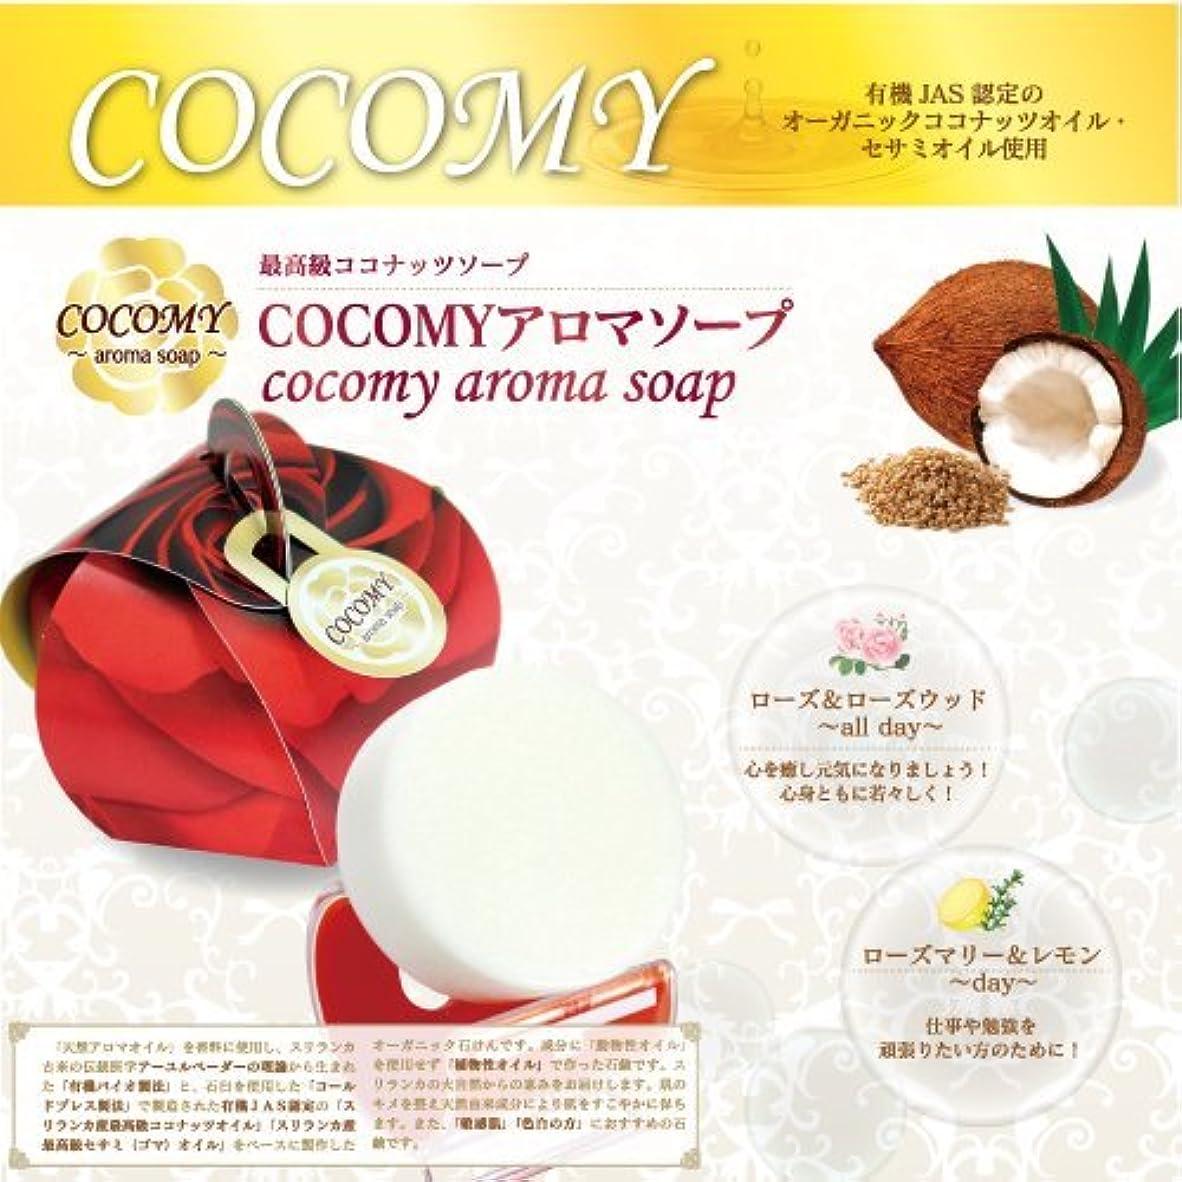 少年神のハウジングCOCOMY aromaソープ 2個セット (ローズマリー&レモン)(ローズ&ローズウッド) 40g×各1